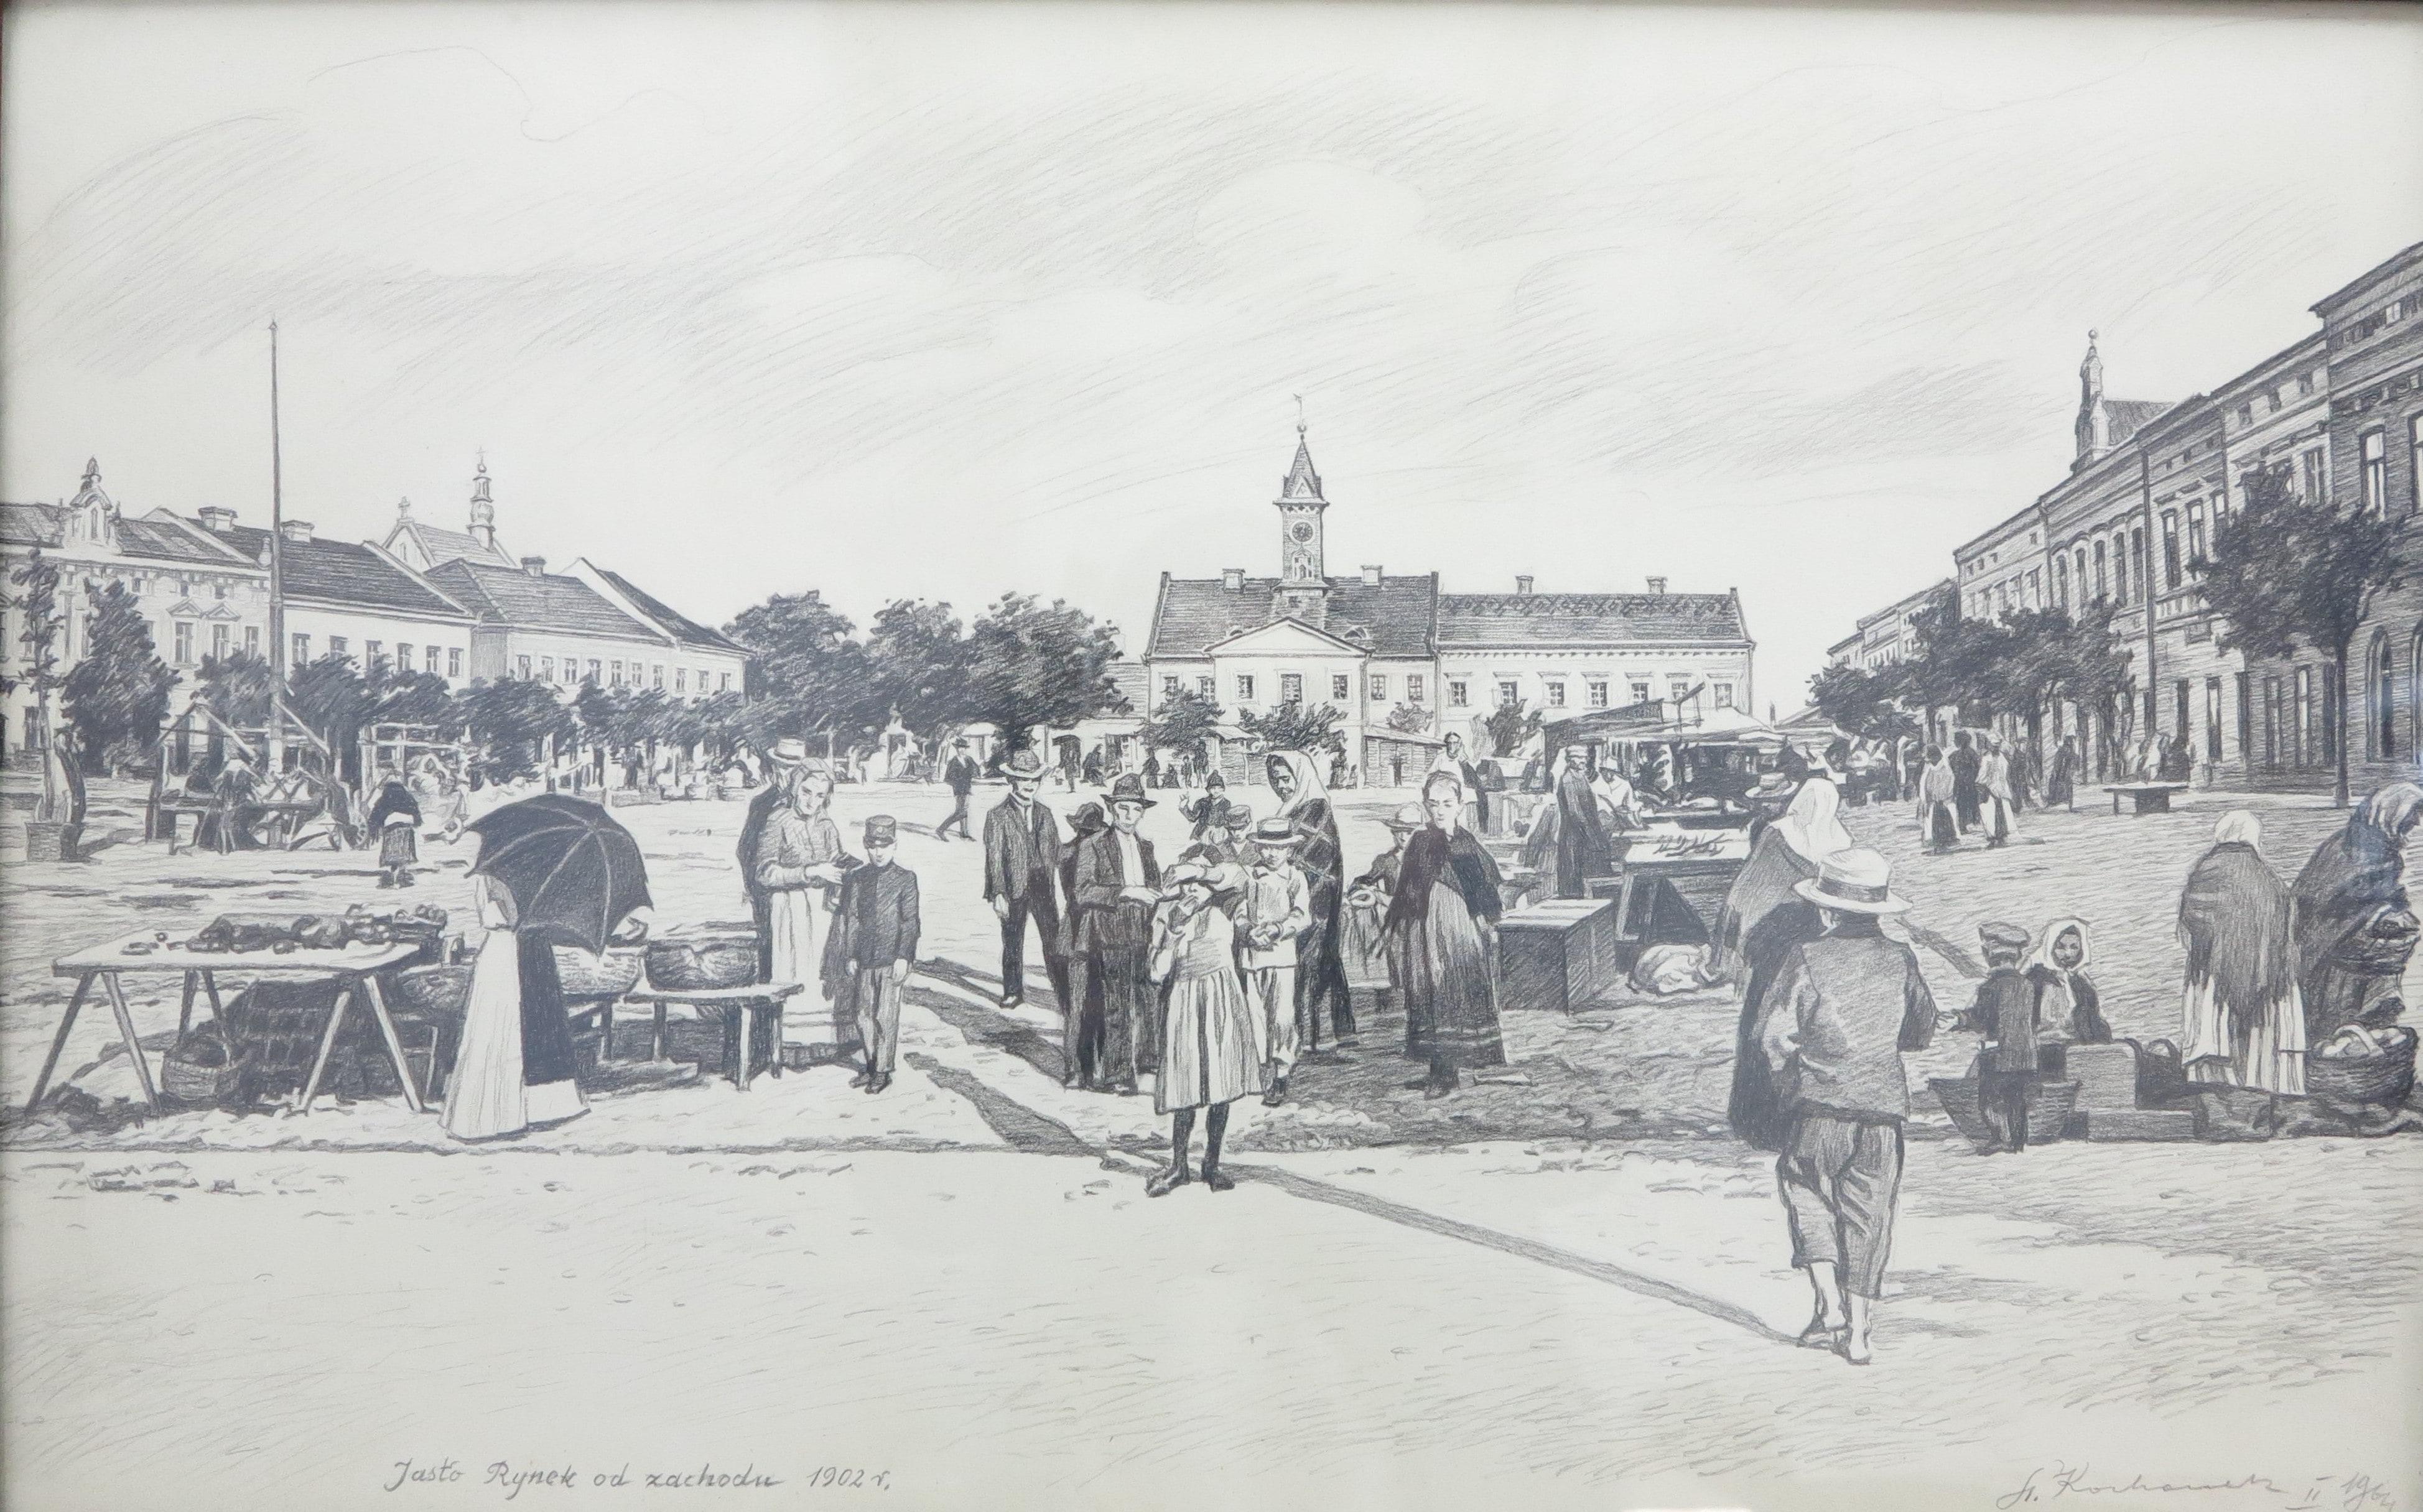 08 - Stanisław Kochanek, Jasło Rynek od strony zachodniej